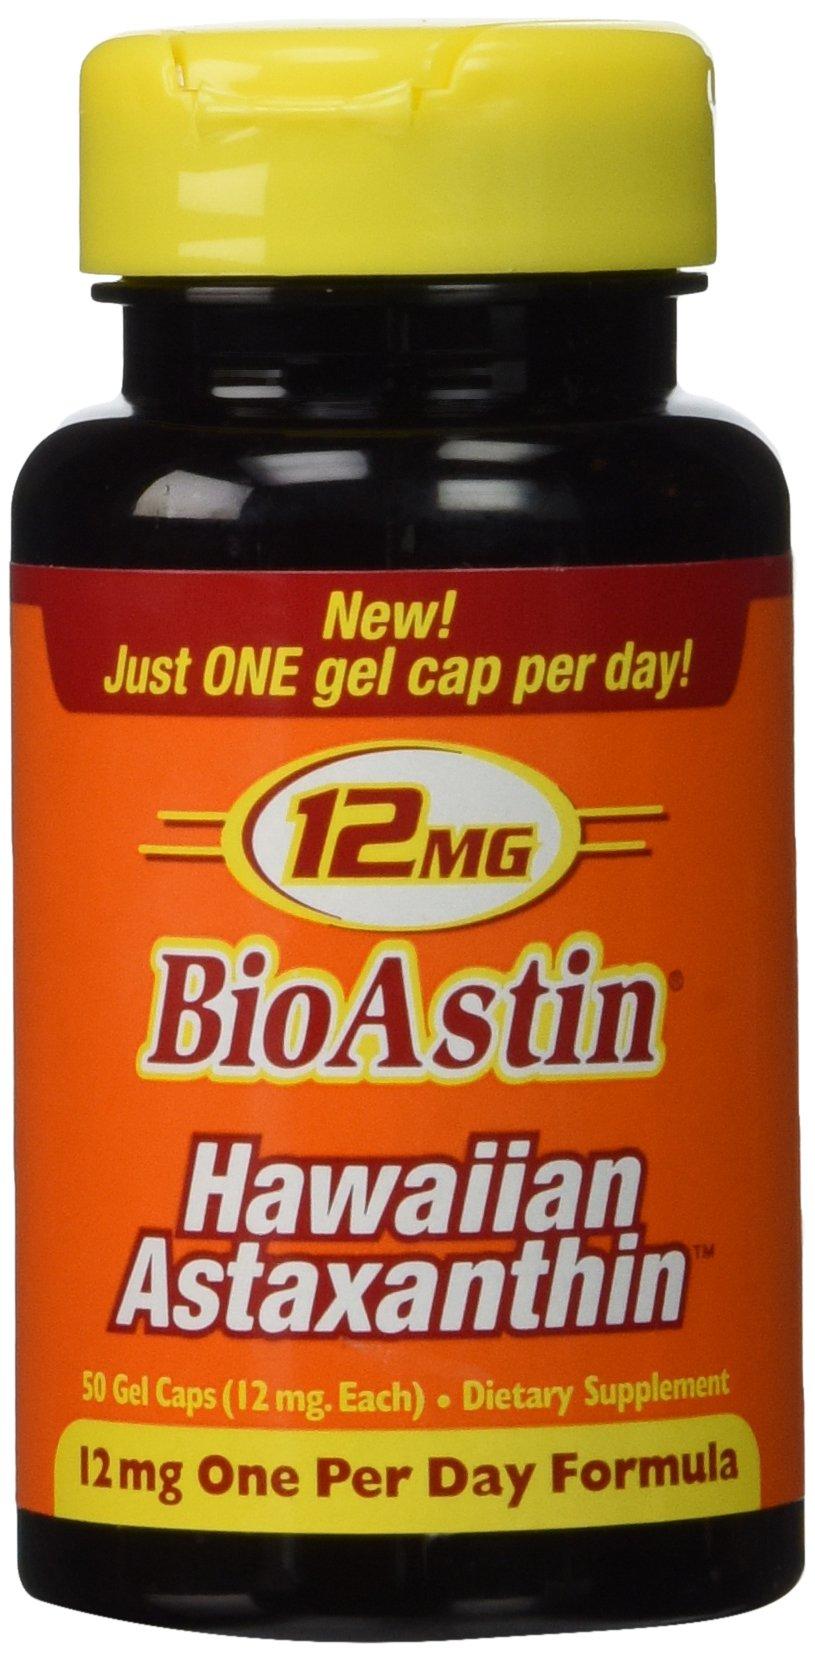 Nutrex Hawaii Bioastin Hawaiin Astaxanthin - 12mg, 200 Gel Caps